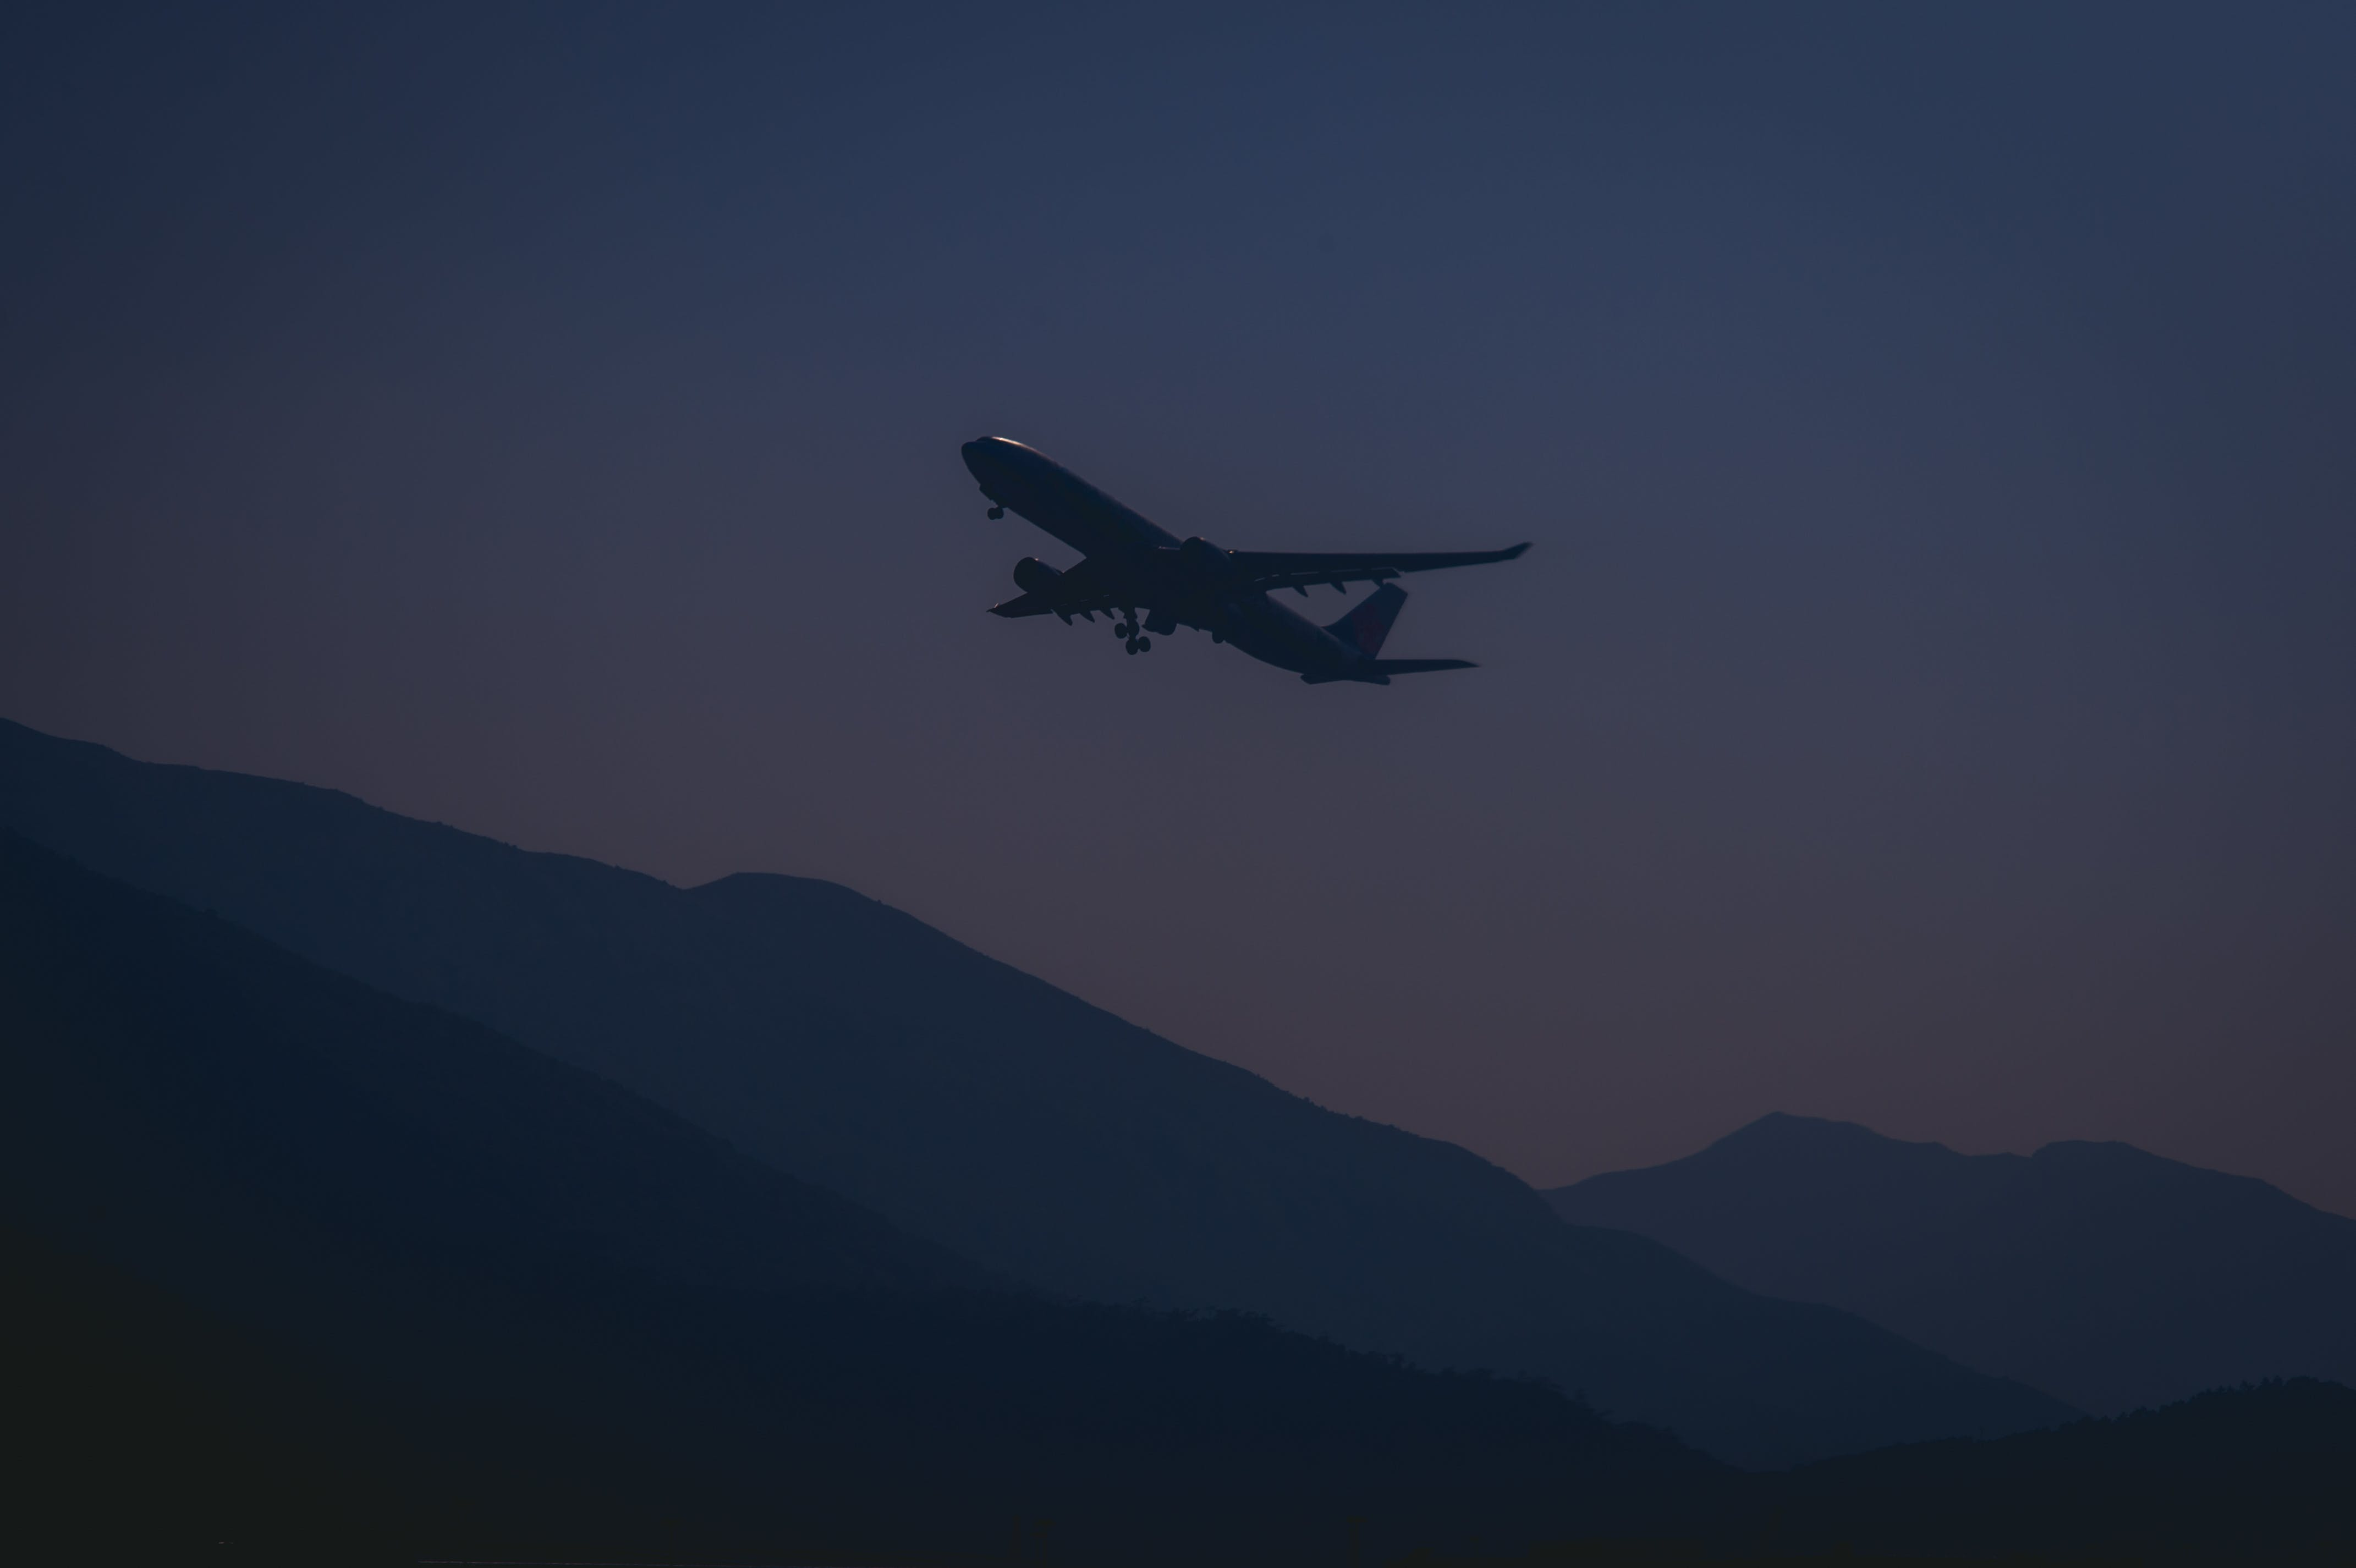 Δωρεάν στοκ φωτογραφιών με αεροπλάνο, αεροπλοΐα, αεροσκάφος, απόγευμα